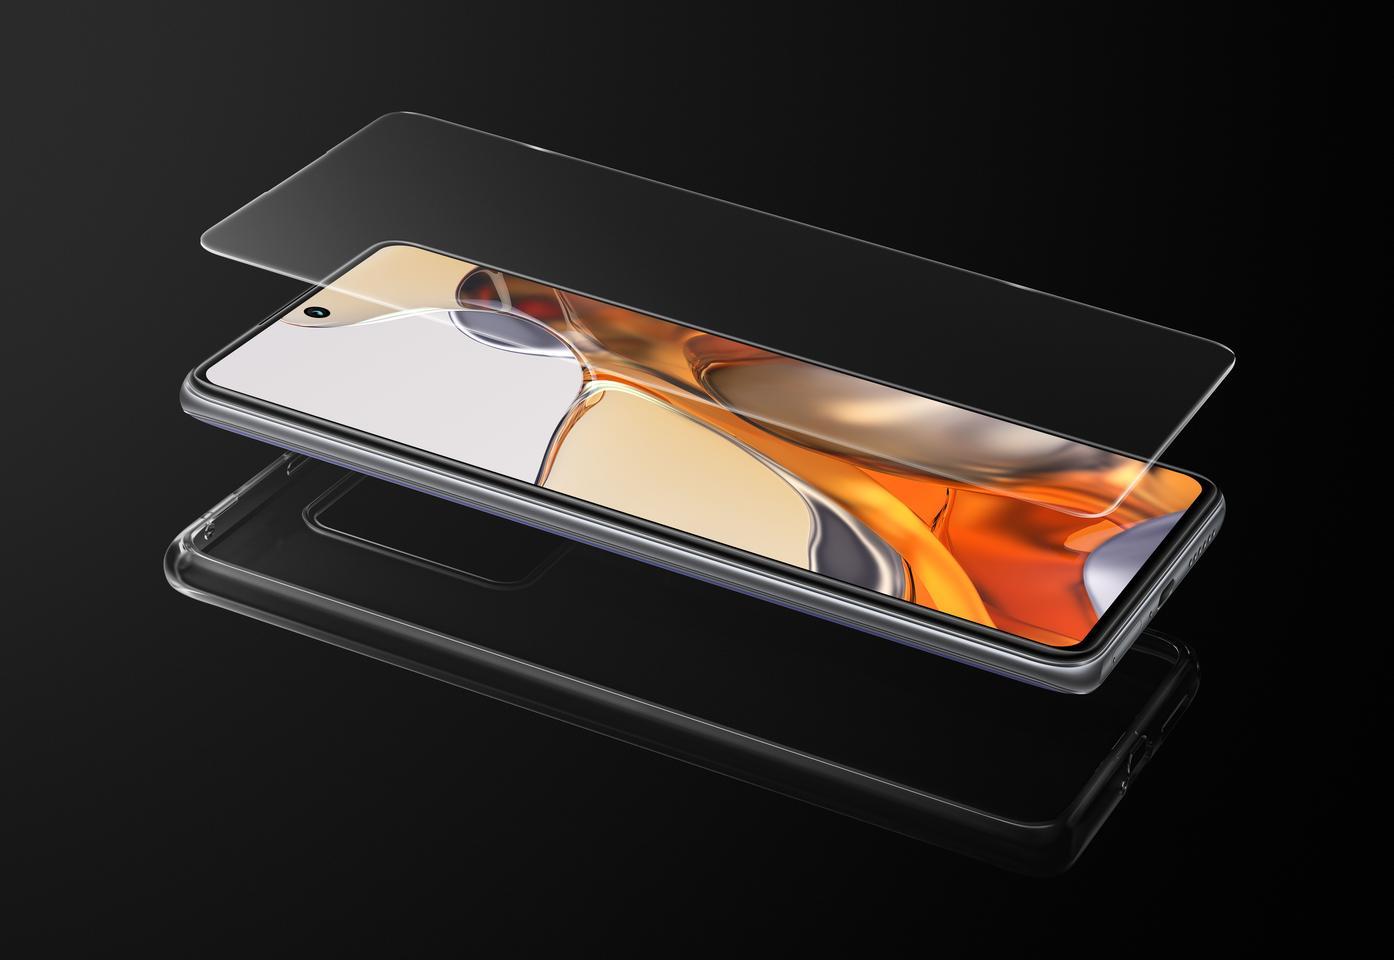 6,67-дюймовый дисплей FHD + AMOLED 11T Pro защищен стеклом Corning Gorilla Glass Victus.